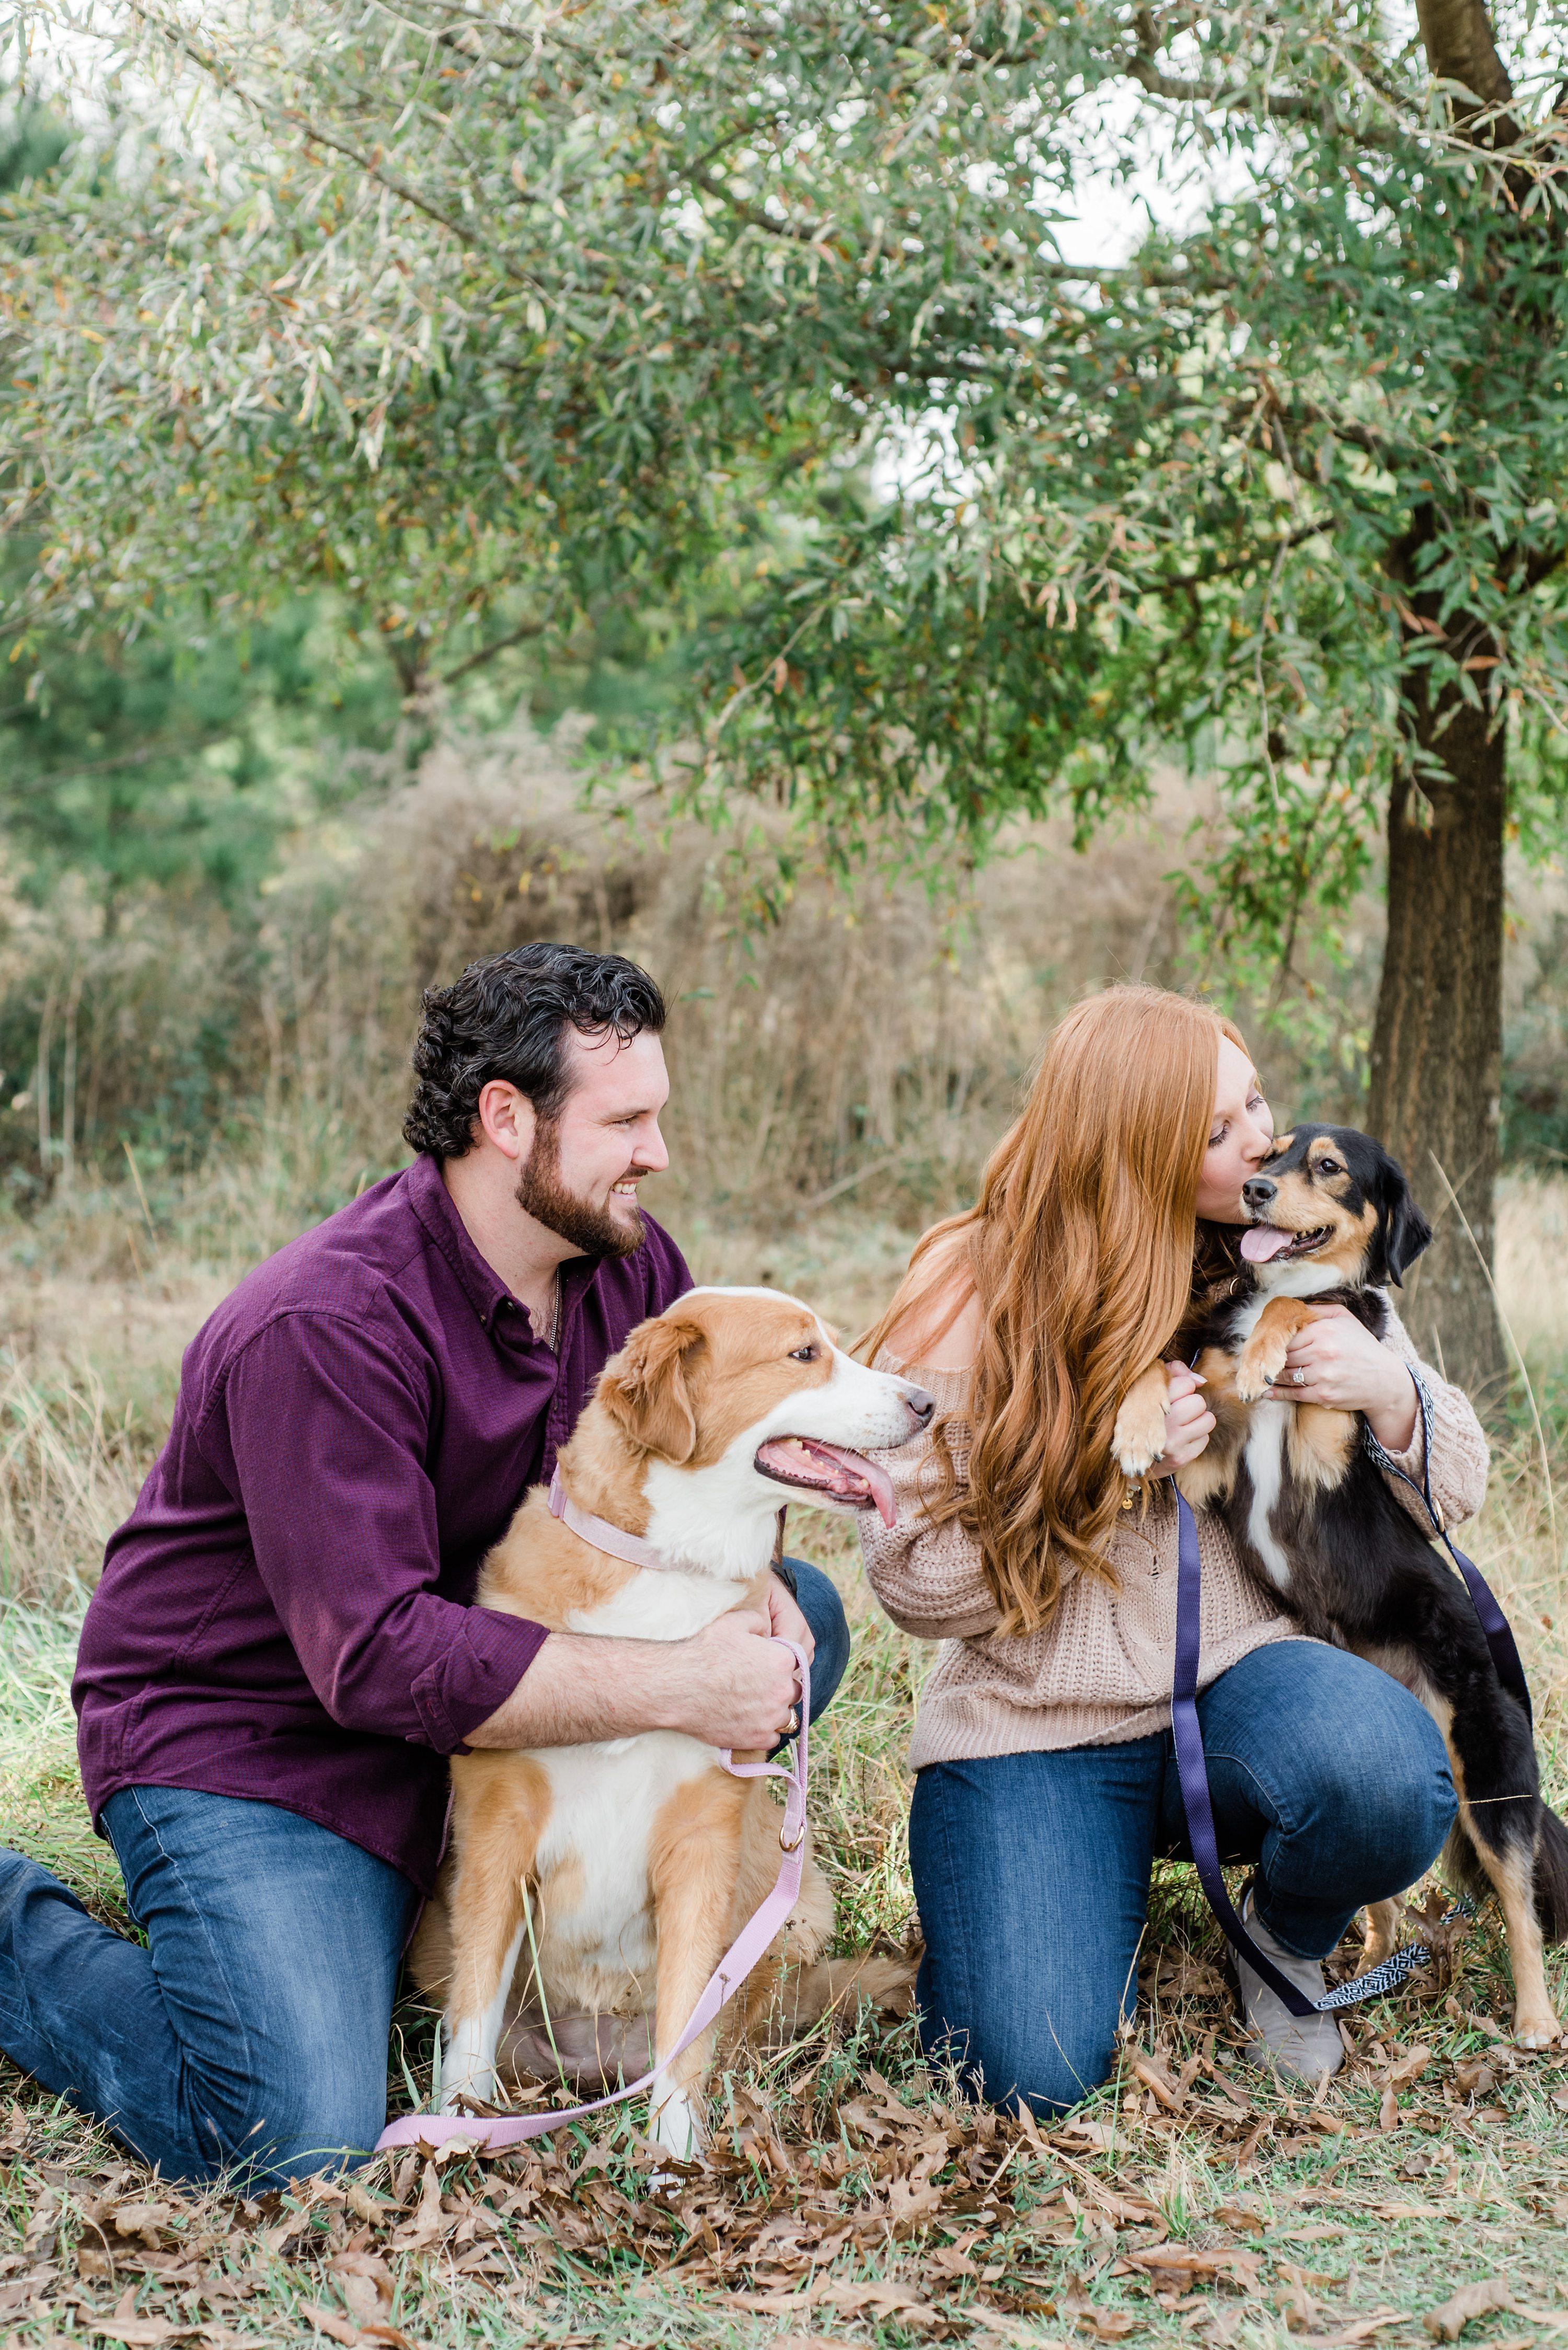 Houston Wedding Photography,Engagement Photography